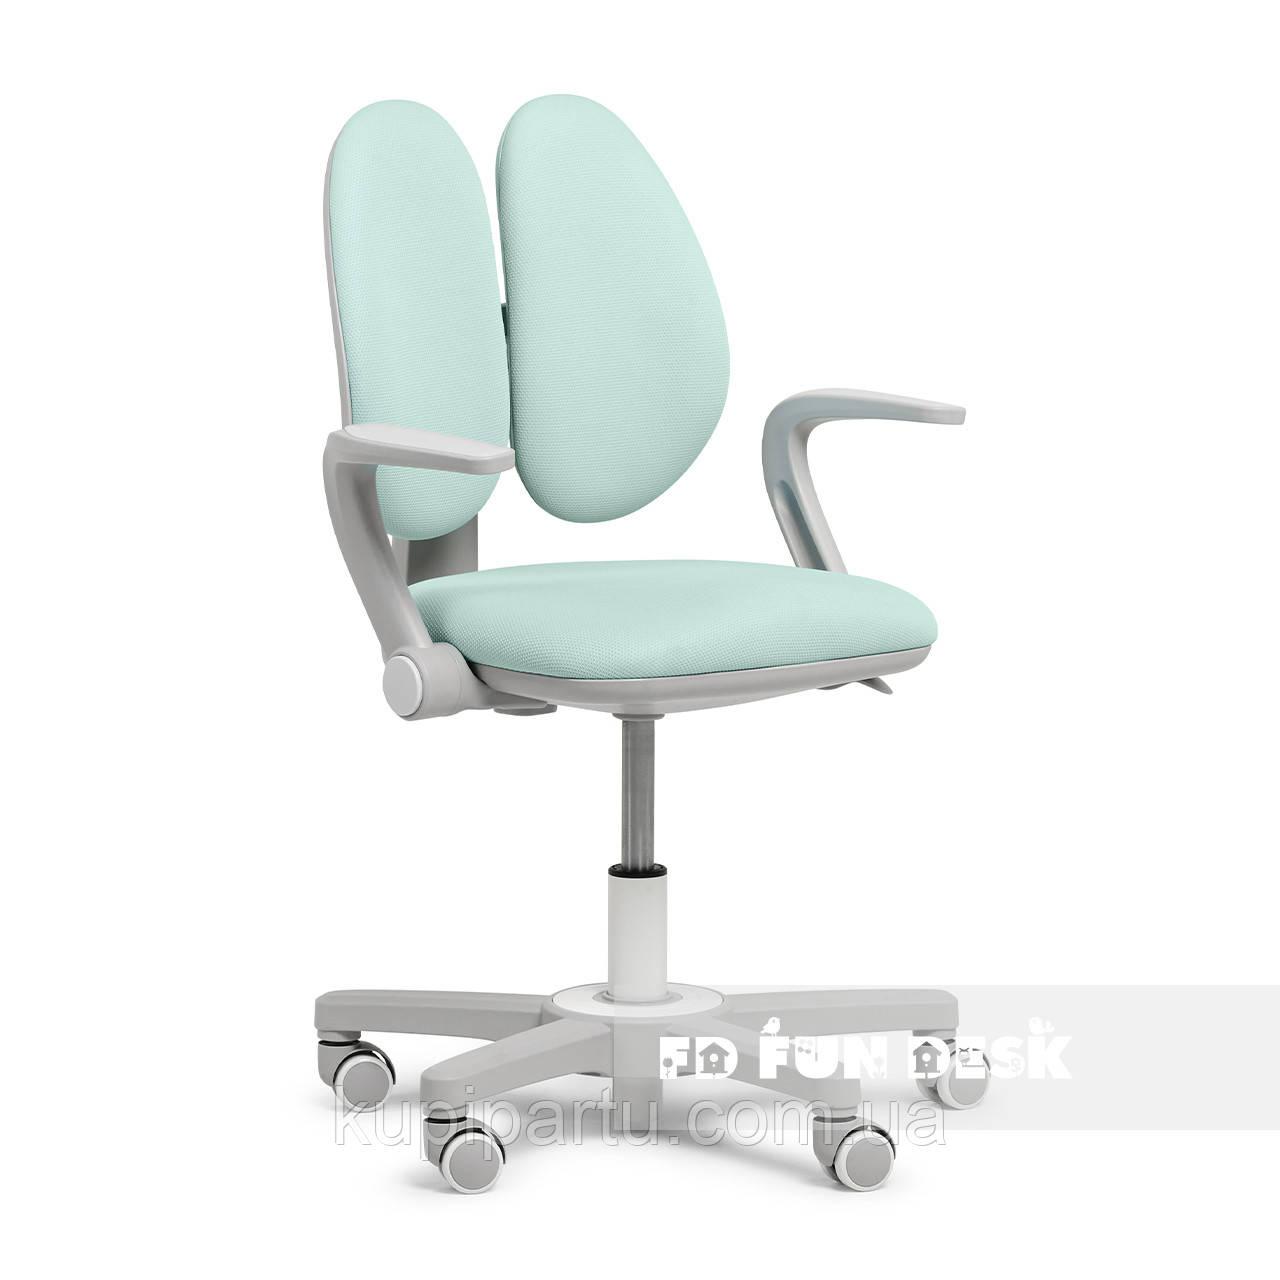 Детское эргономичное вращающееся кресло Fundesk Mente Dark Green с подлокотниками